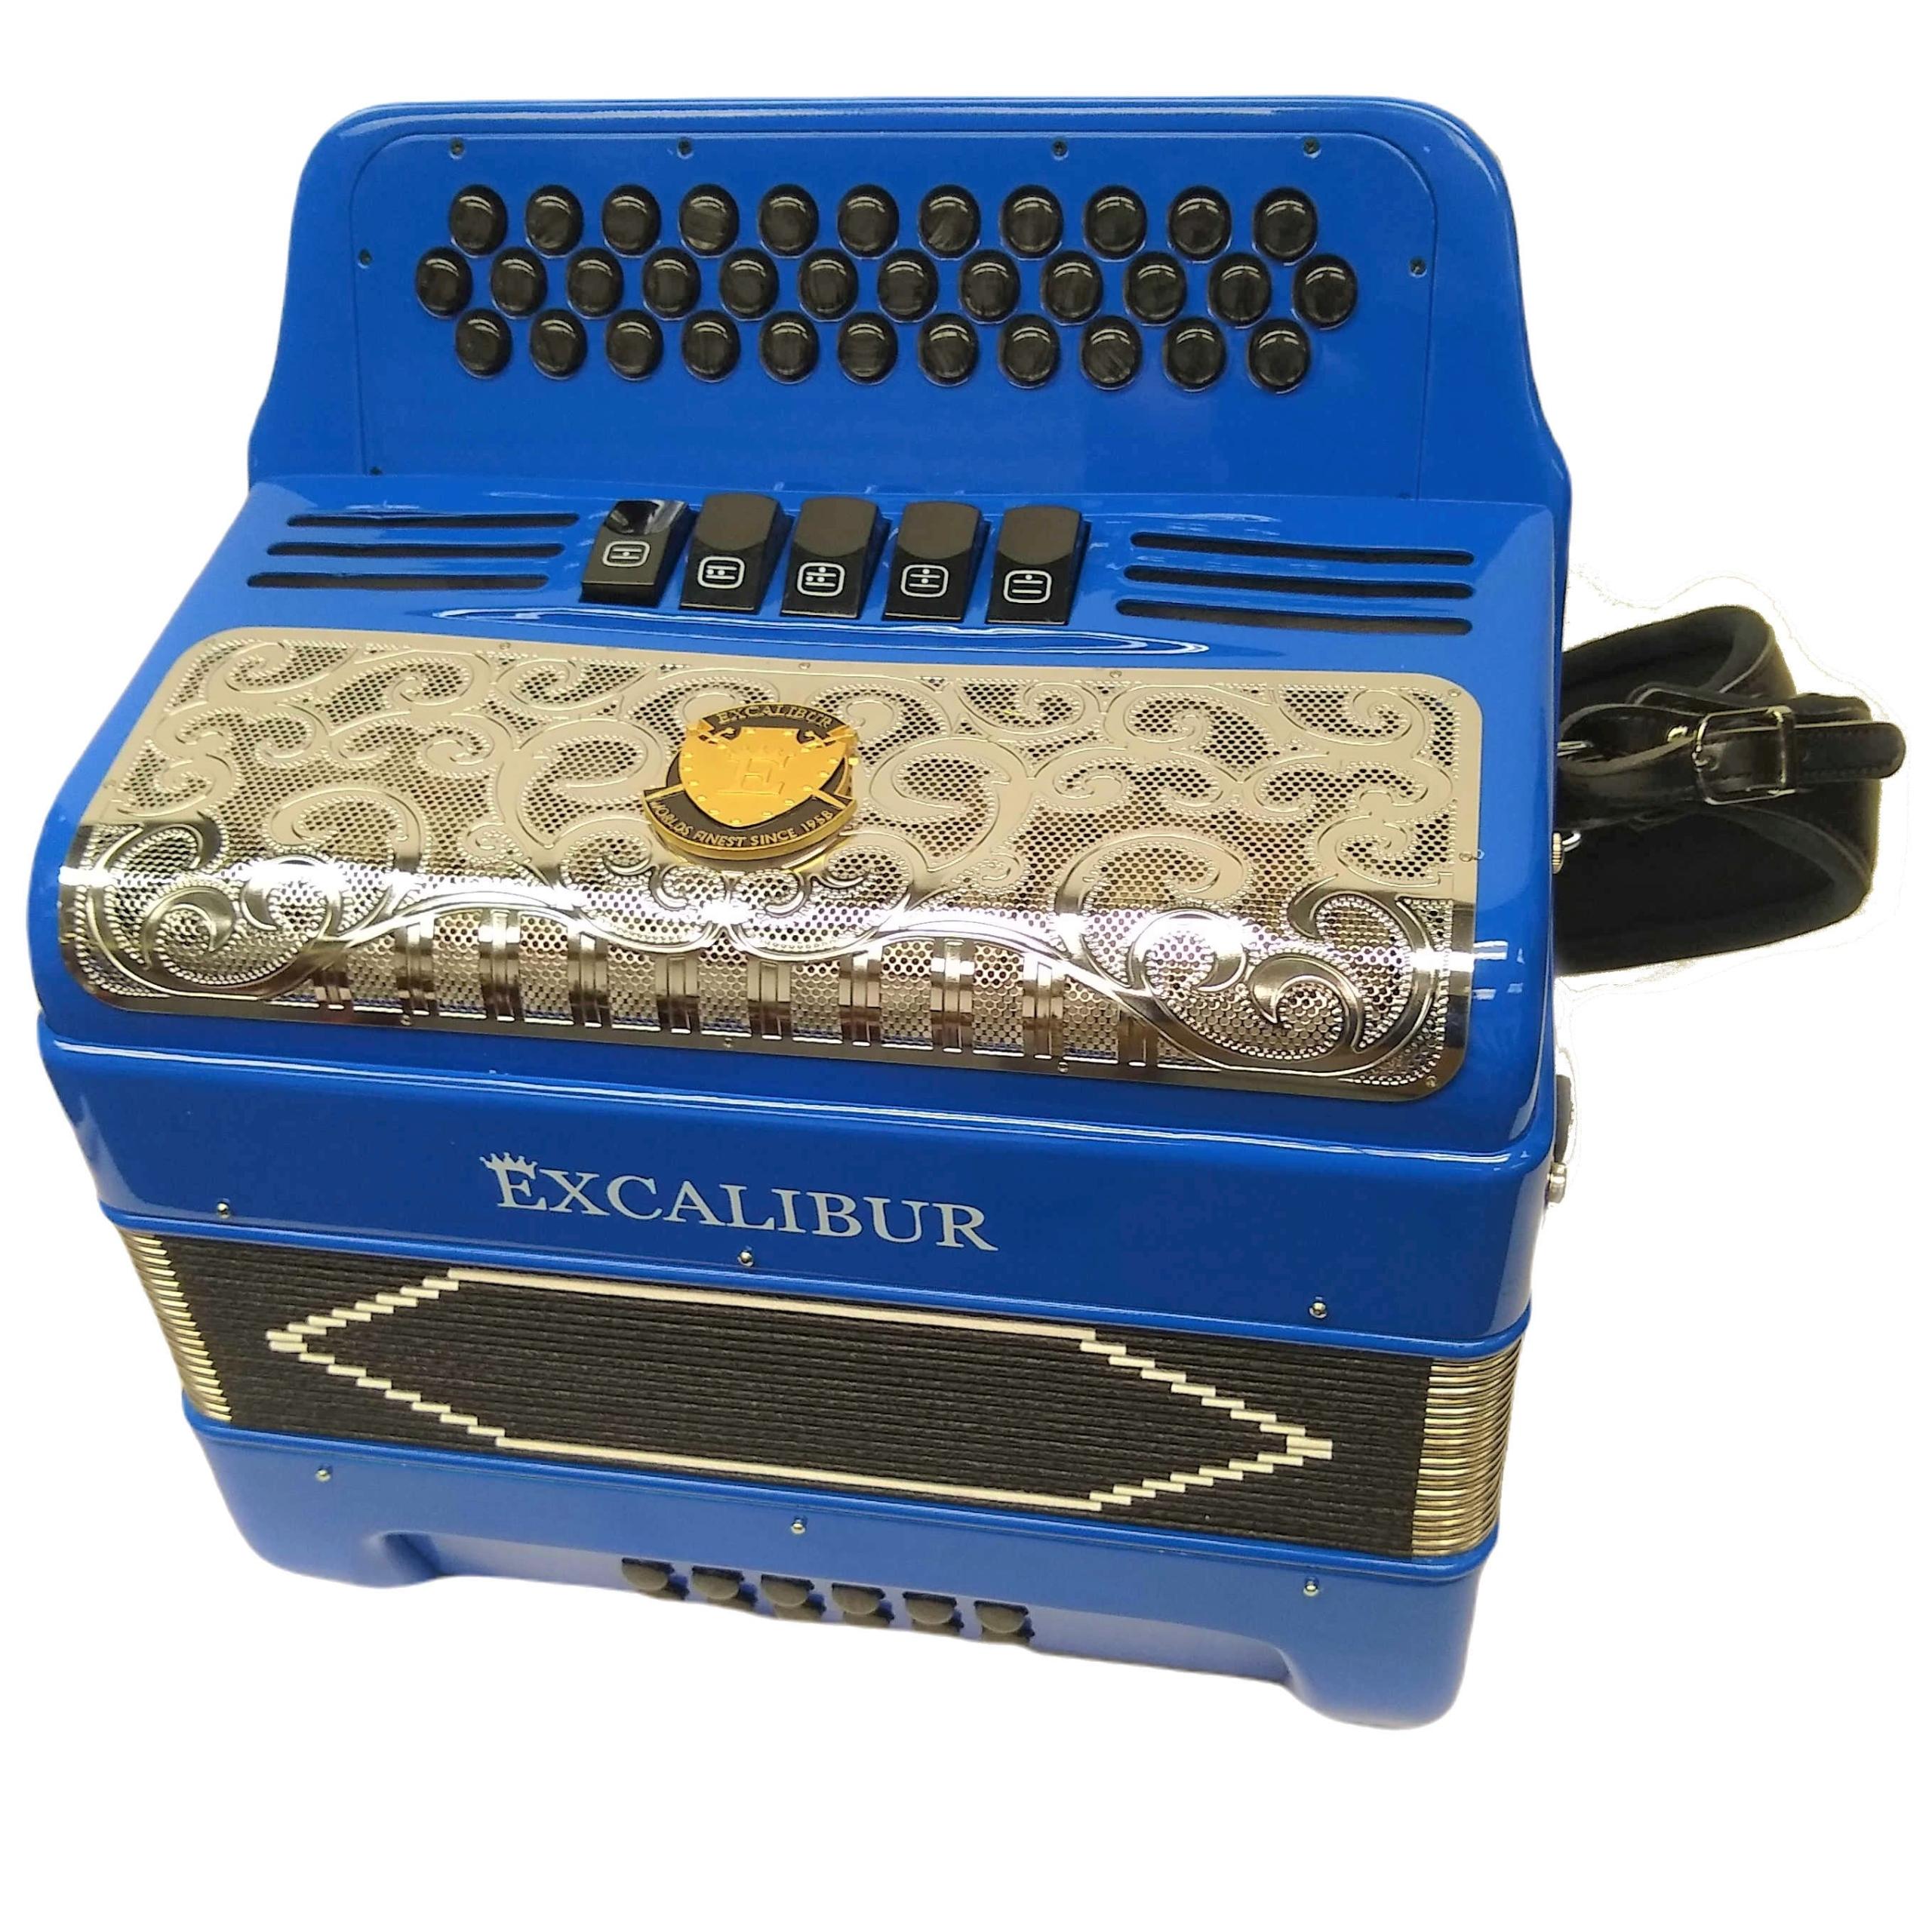 Excalibur Super Classic PSI  LTD 3 Row Button Accordion - Royal Blue